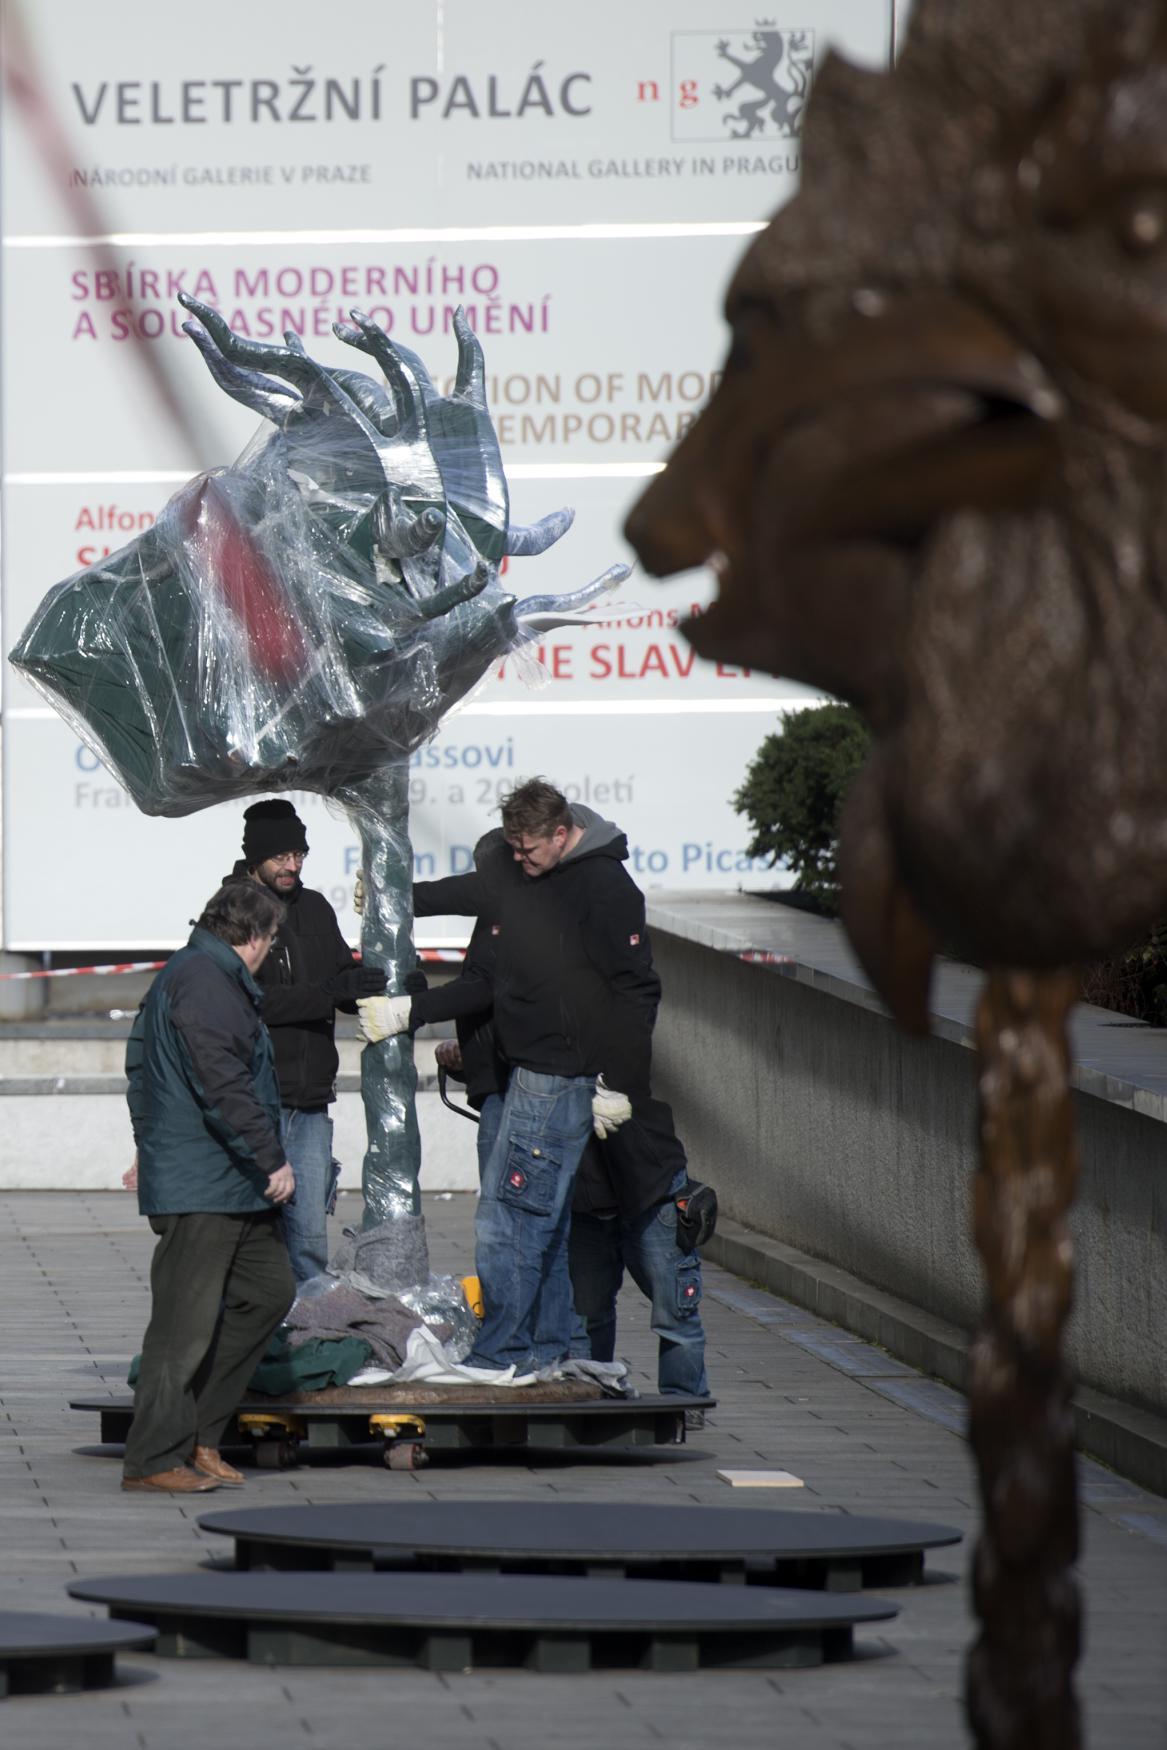 Aj Wej-wejův Zvěrokruh před Veletržním palácem